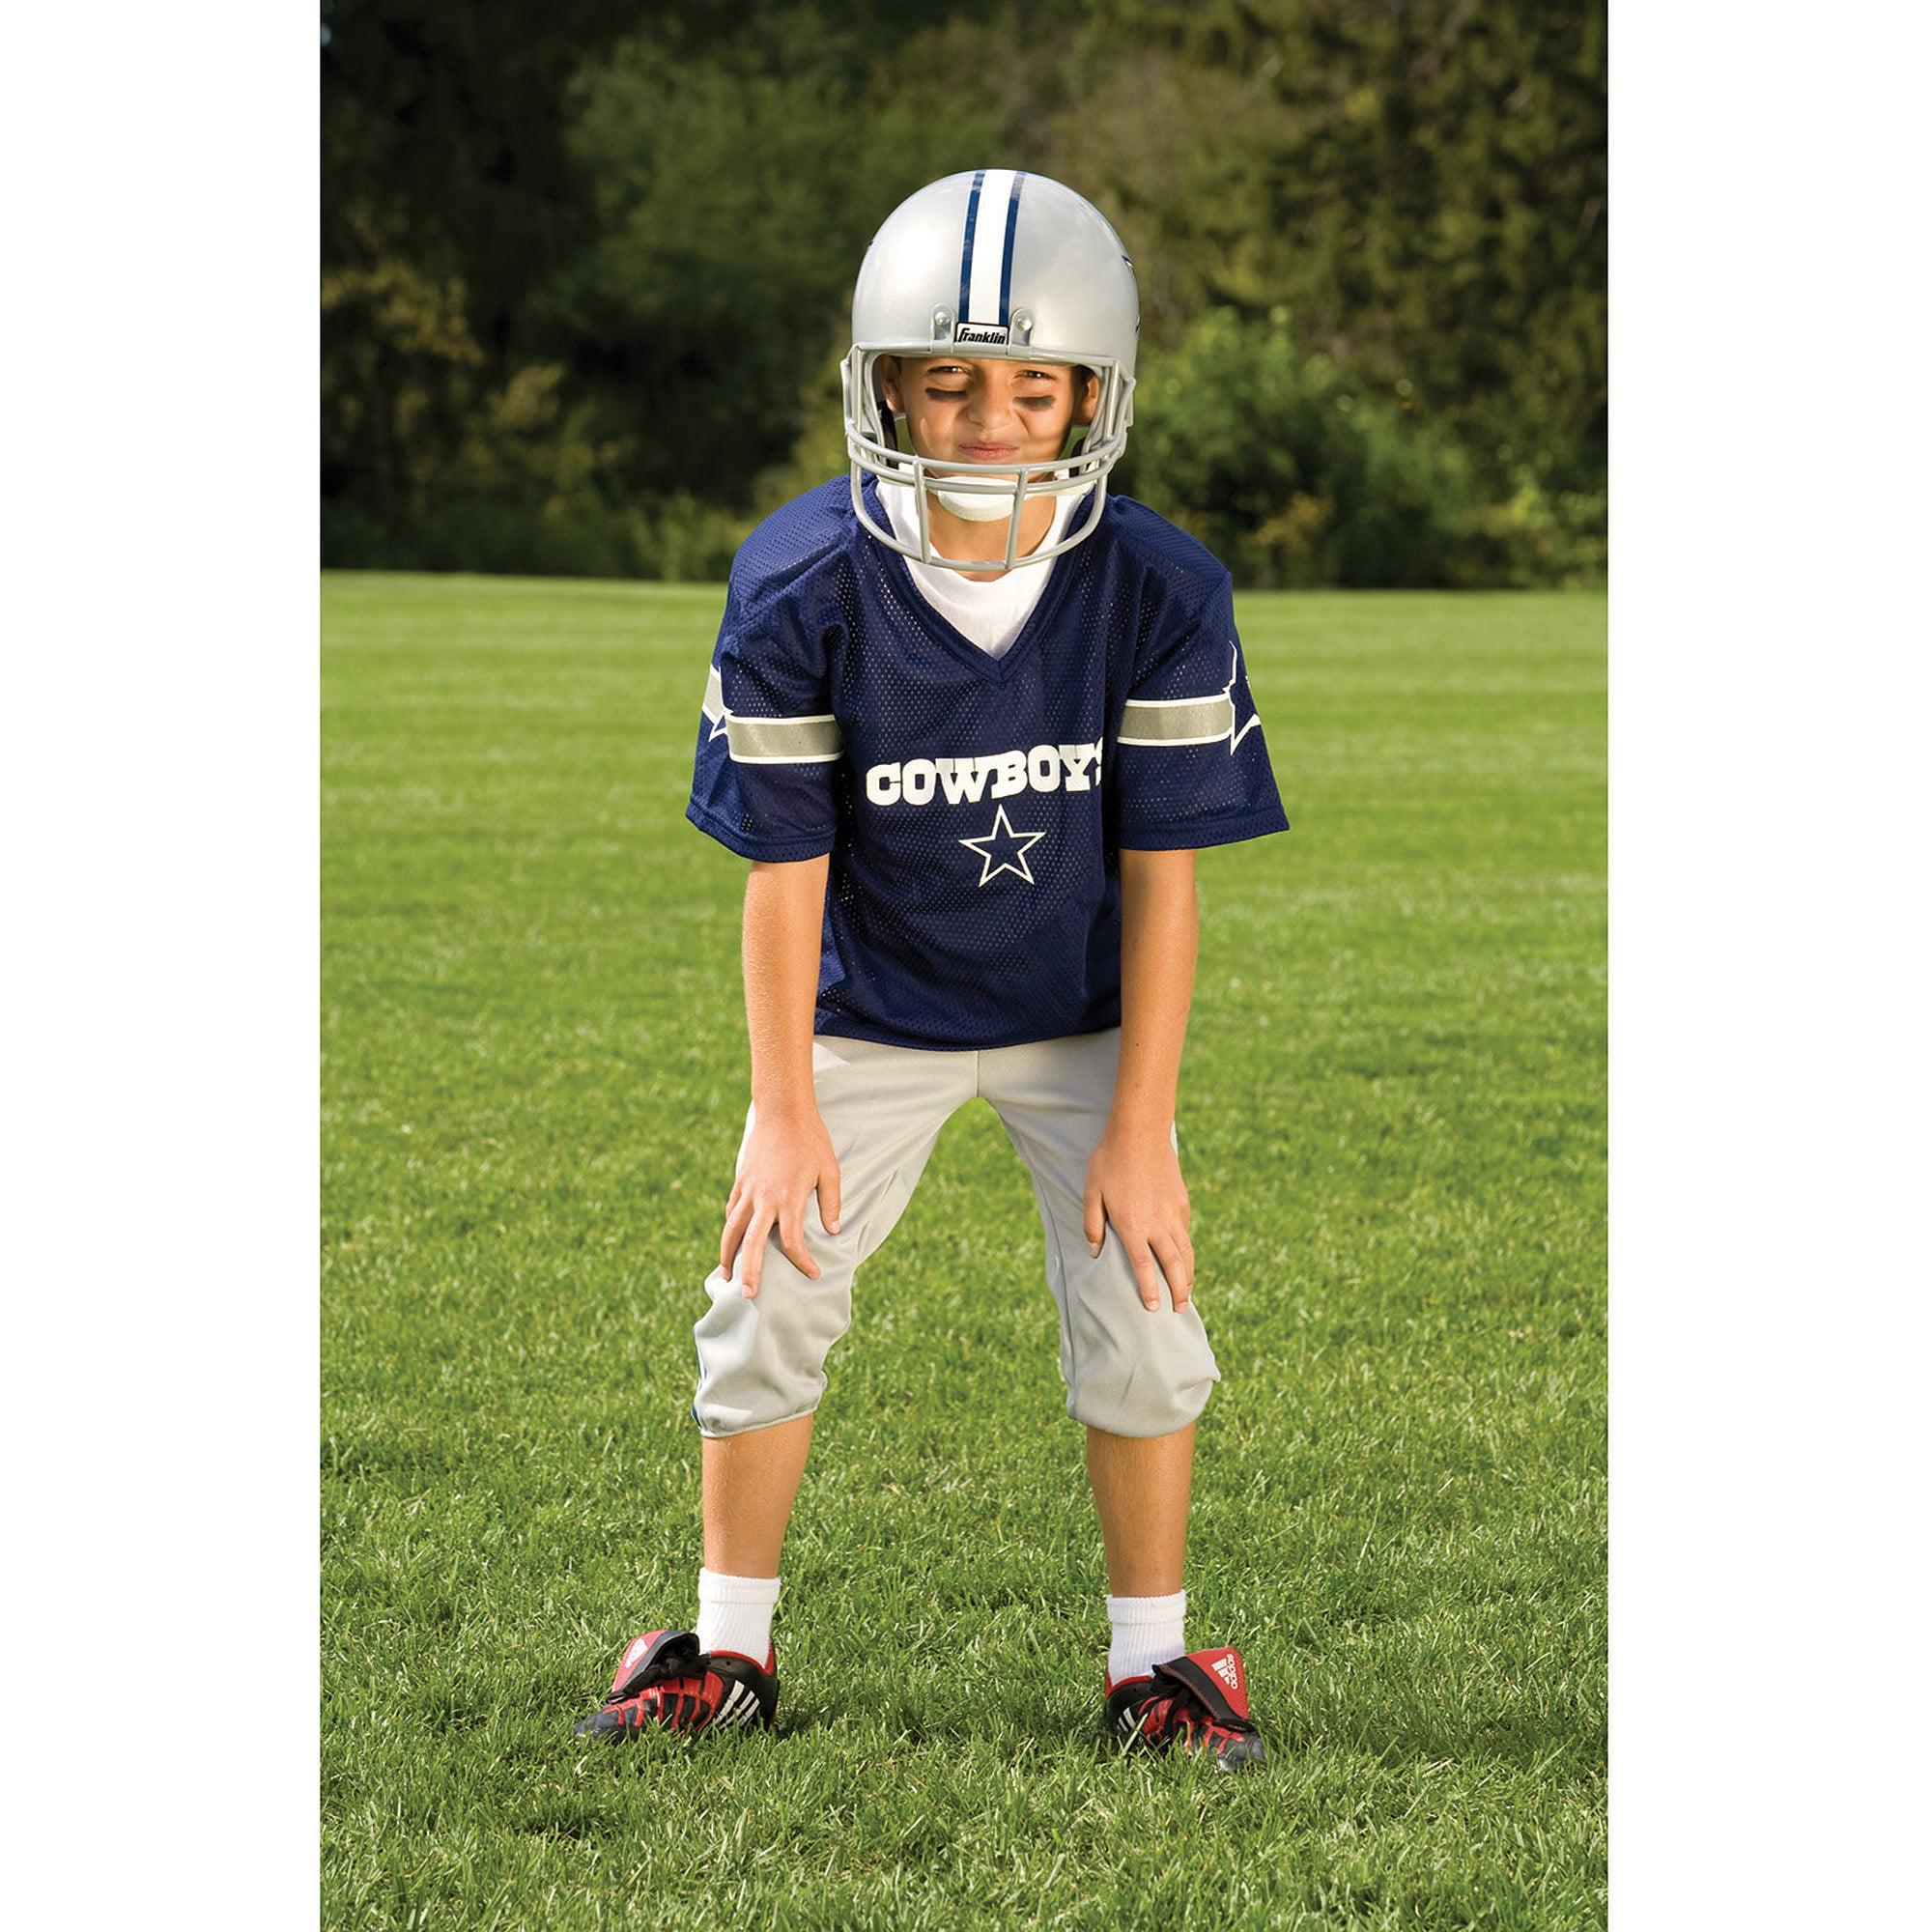 ae0ab7f80 ... Franklin Sports NFL Dallas Cowboys Deluxe Uniform Set - Walm ...